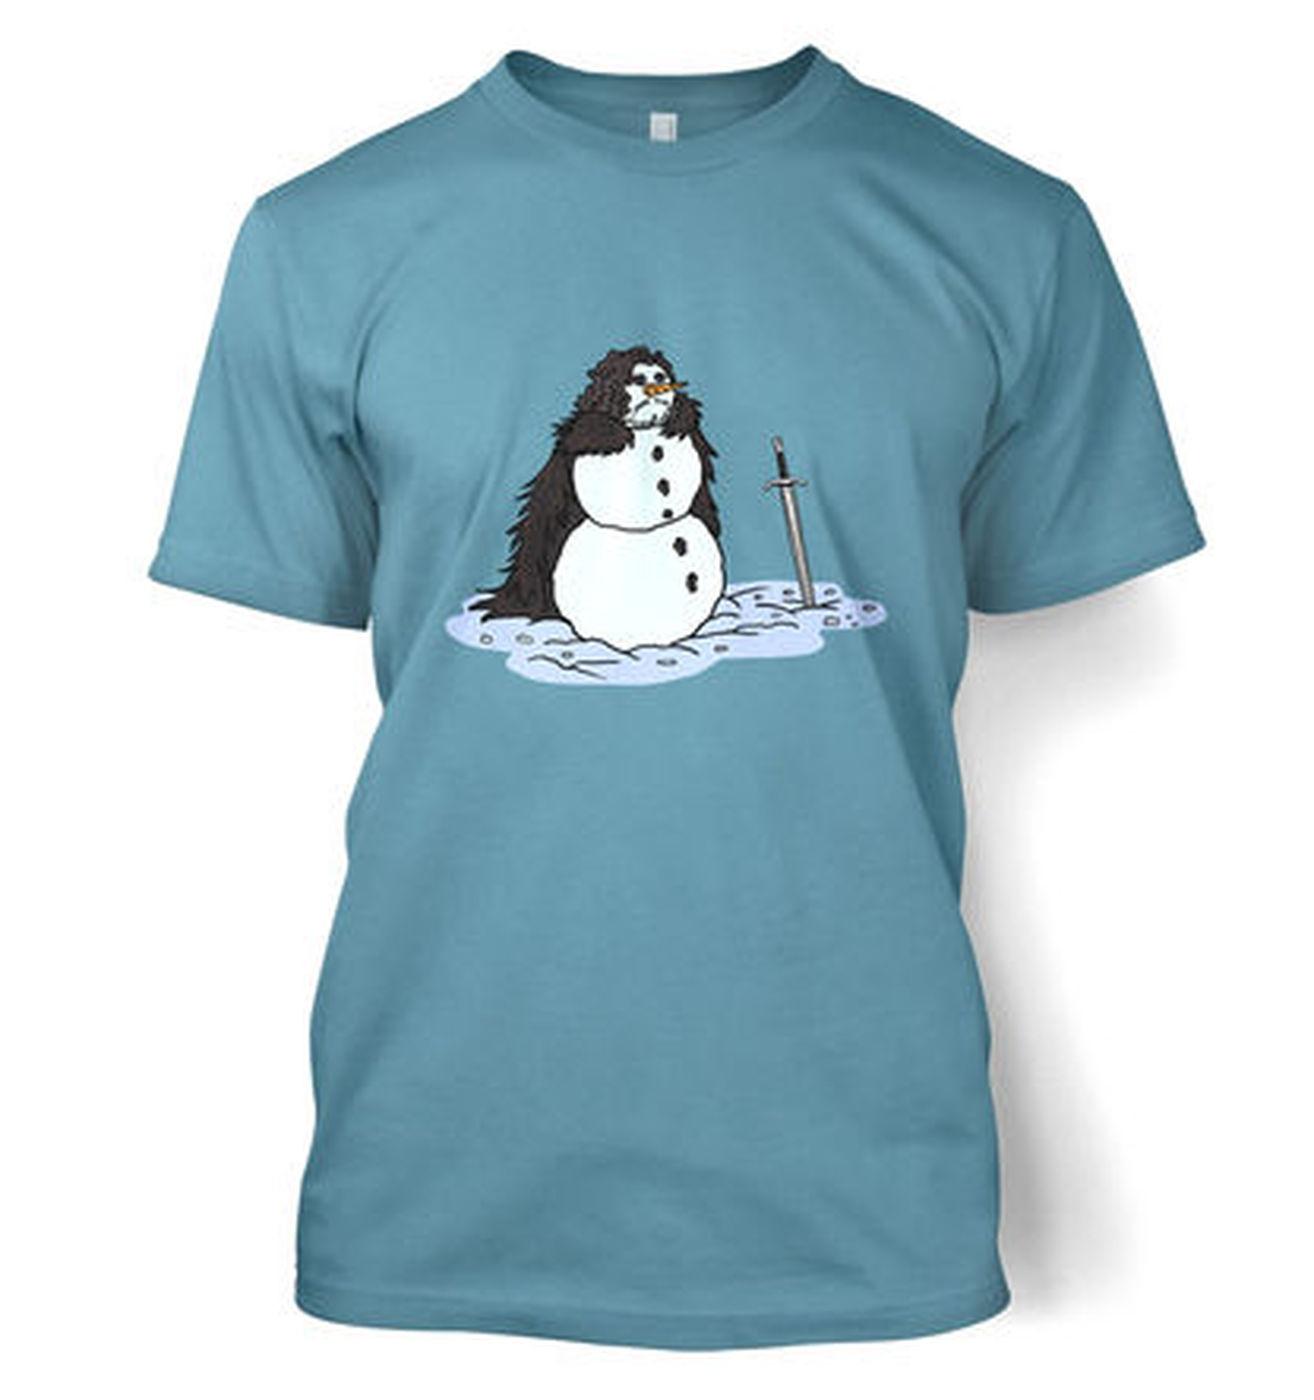 Jon Snowman T-shirt